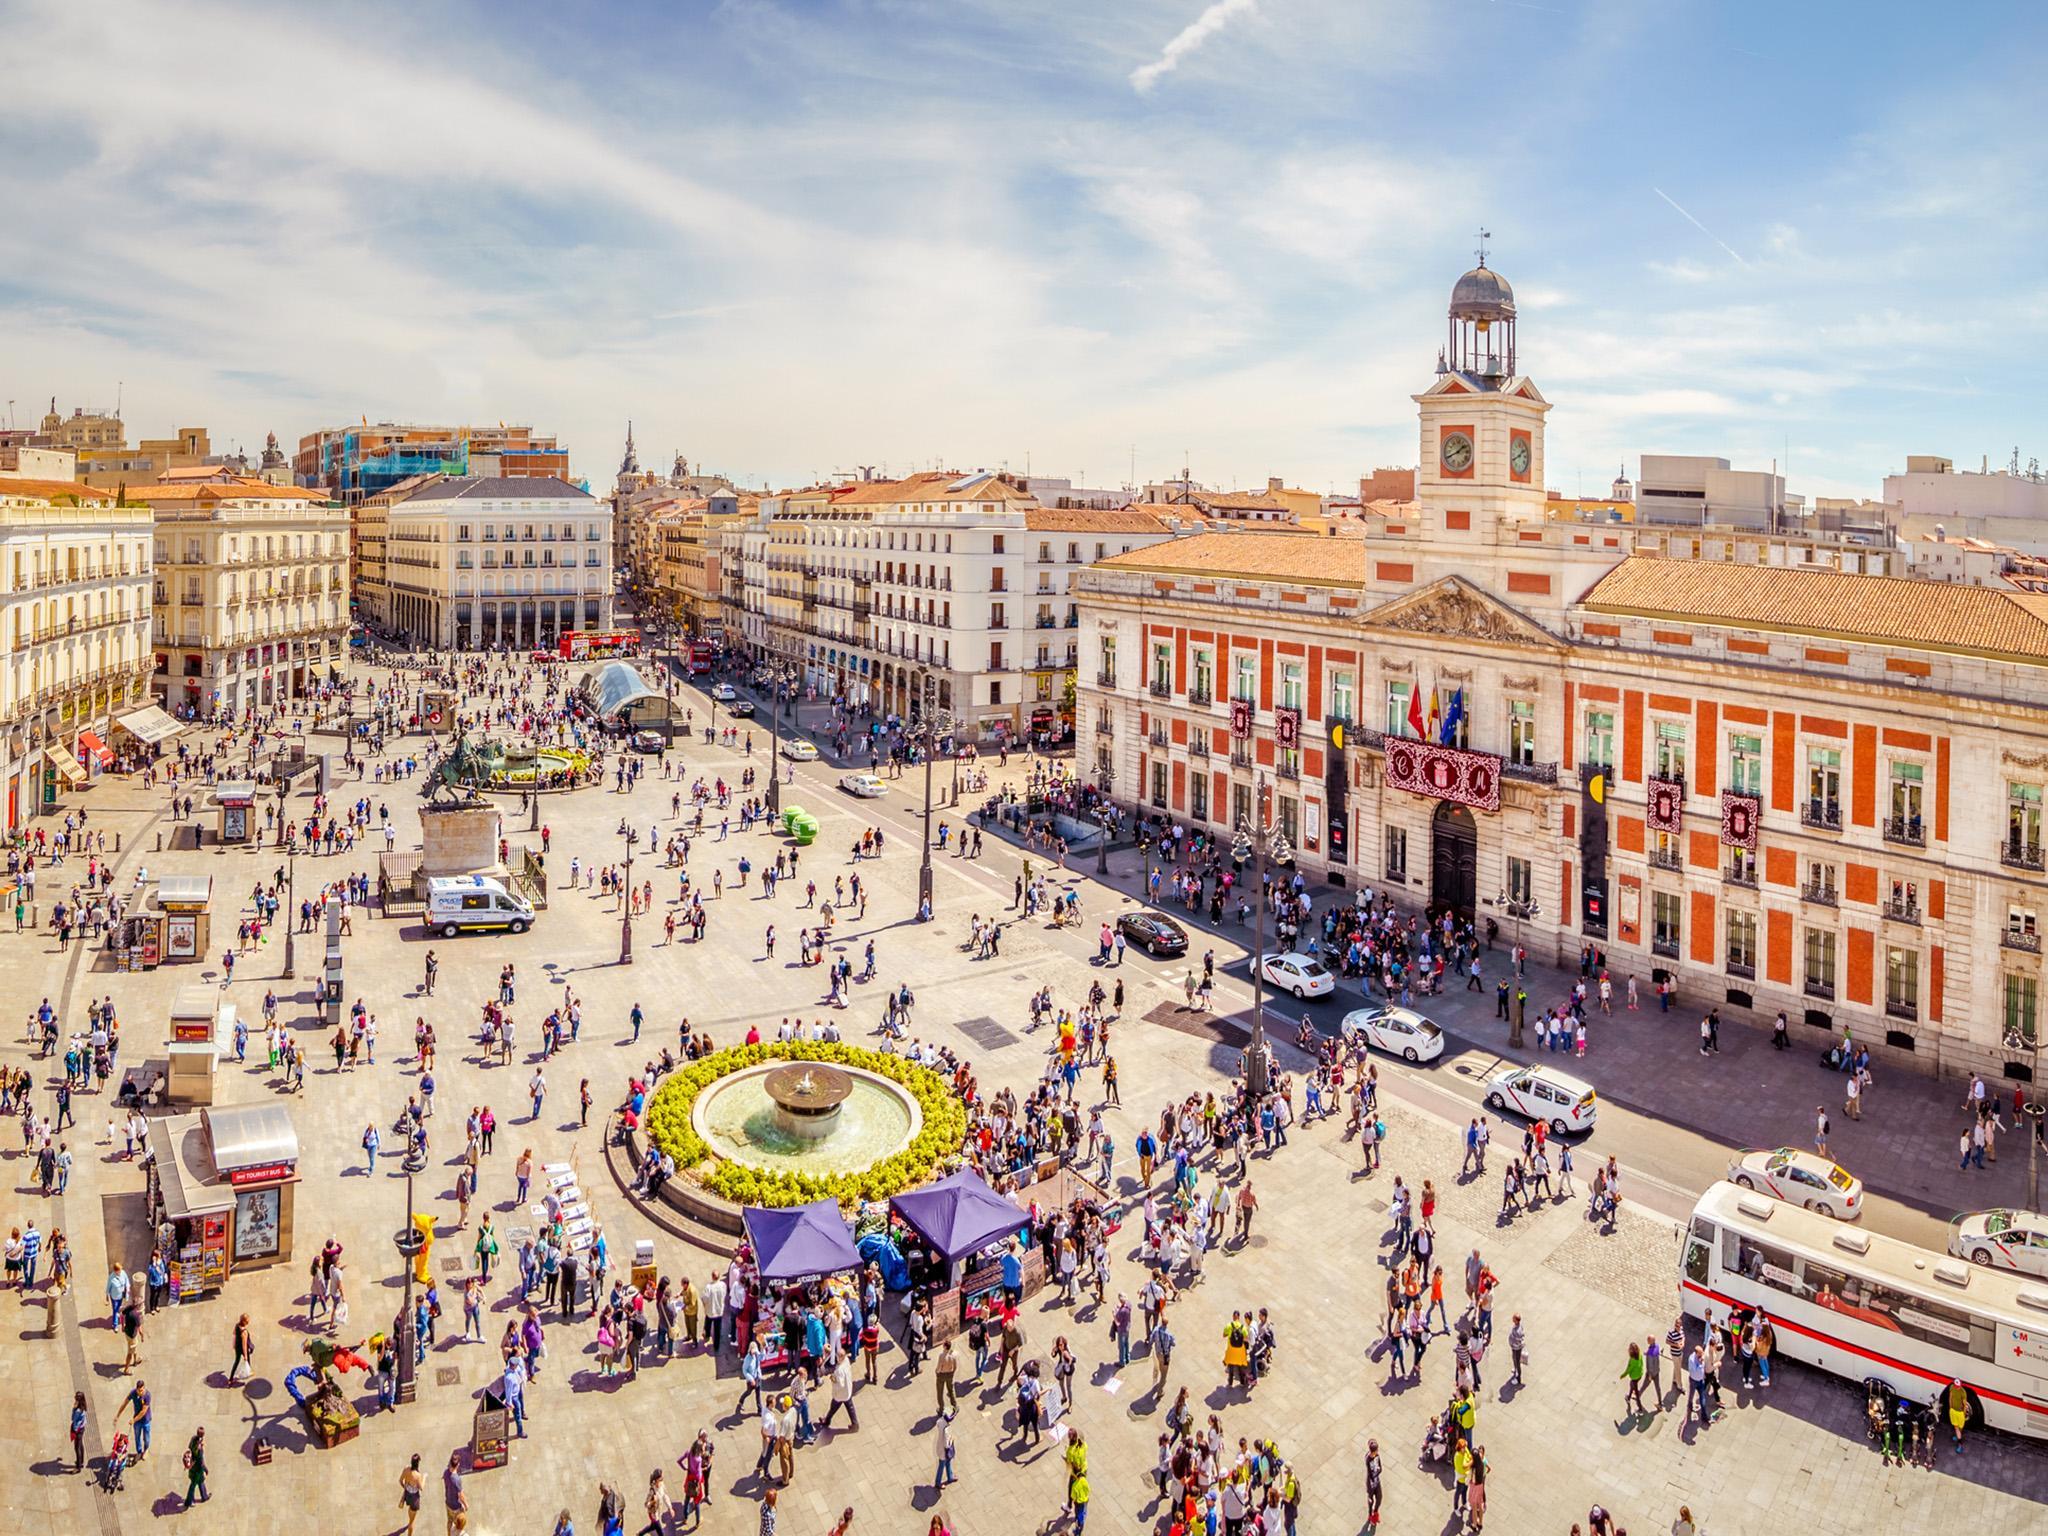 2. Madrid, Spain